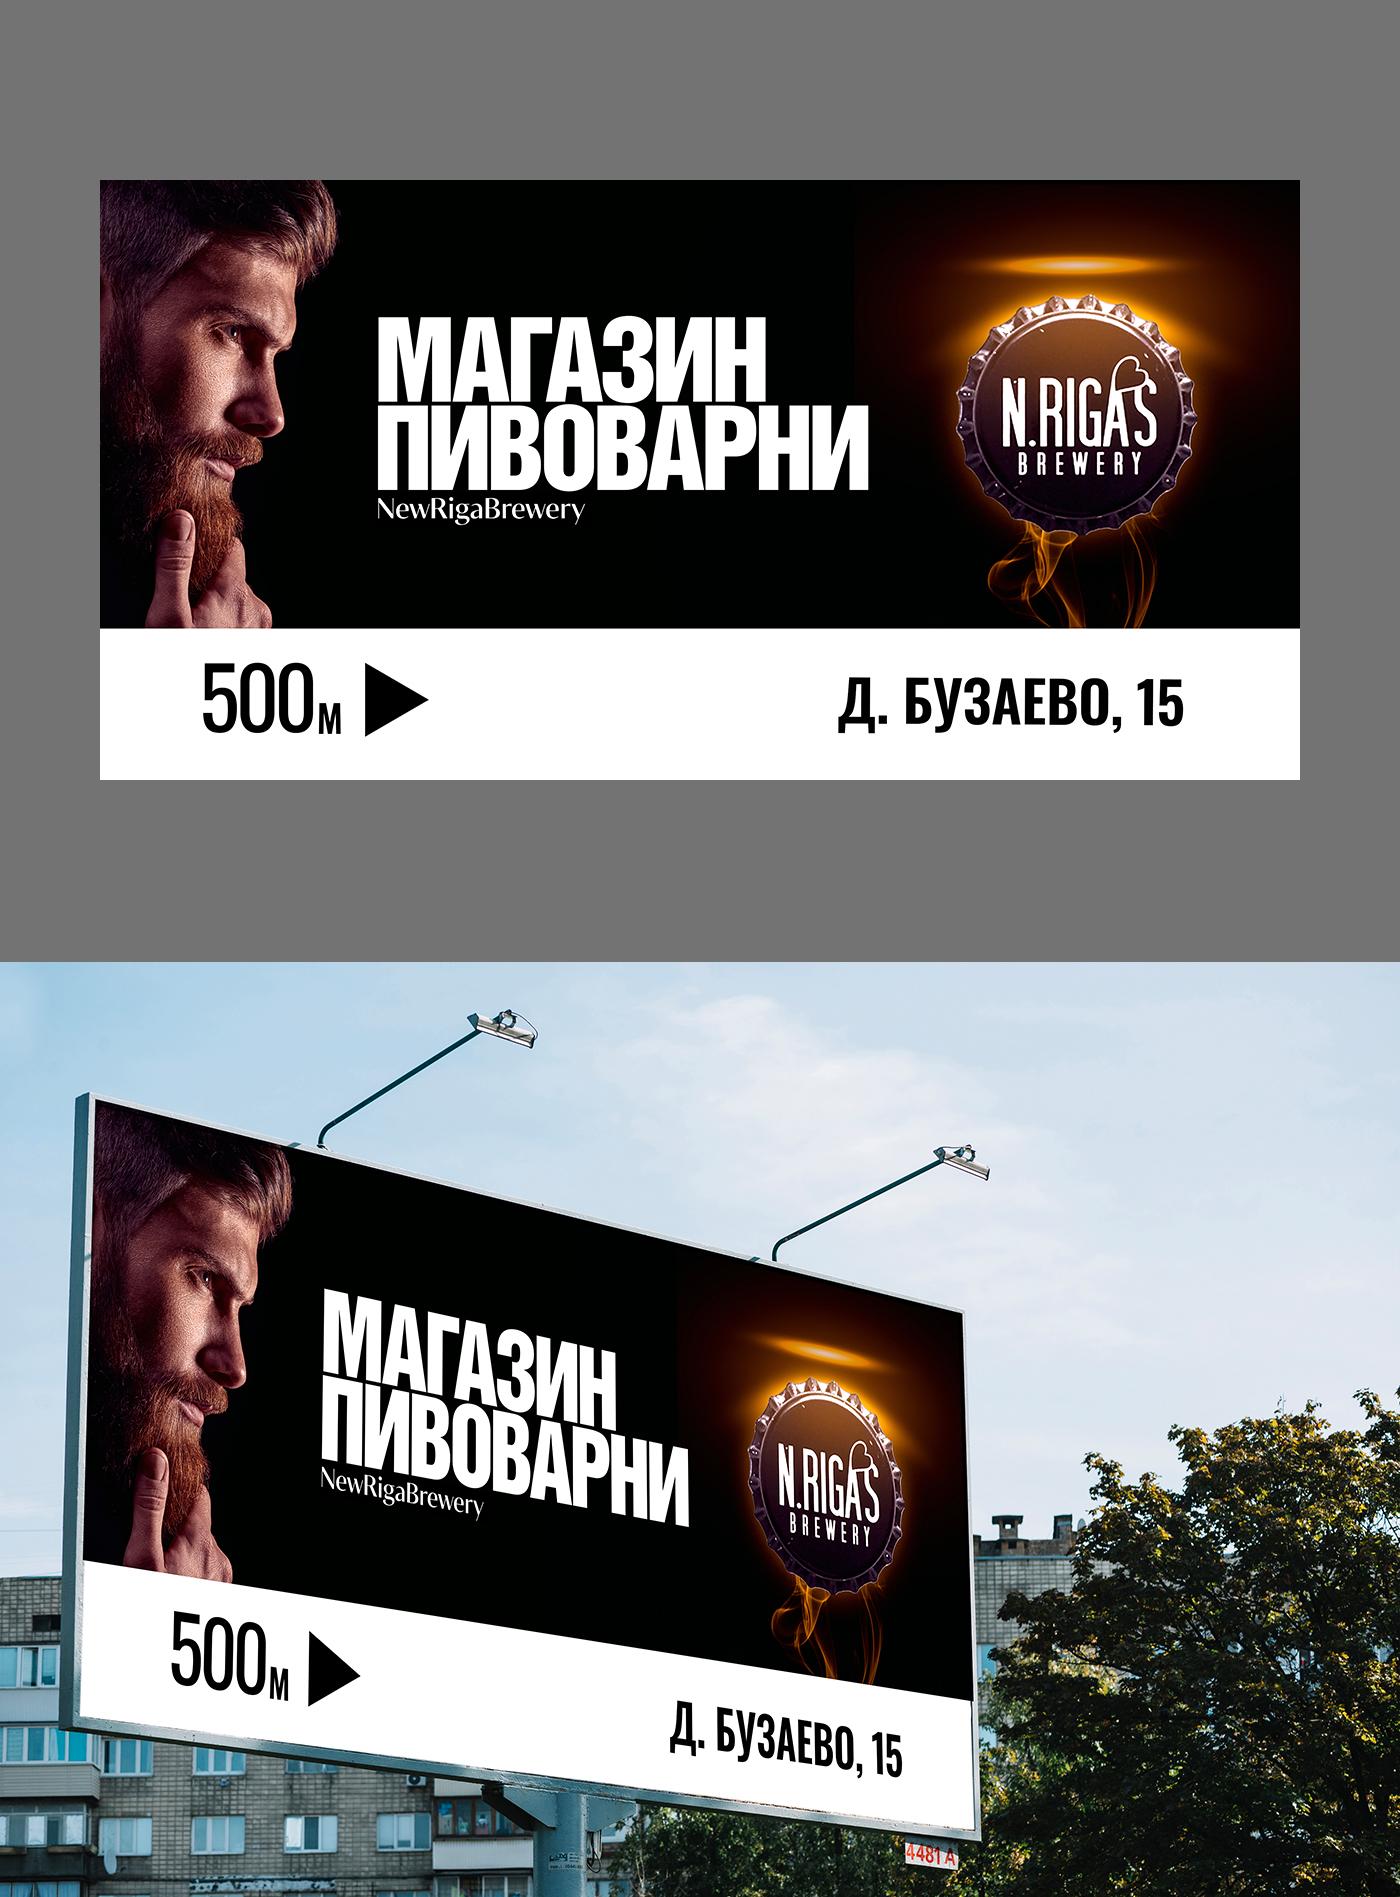 Дизайн билборда 6*3 фото f_6875ee2935a64332.jpg